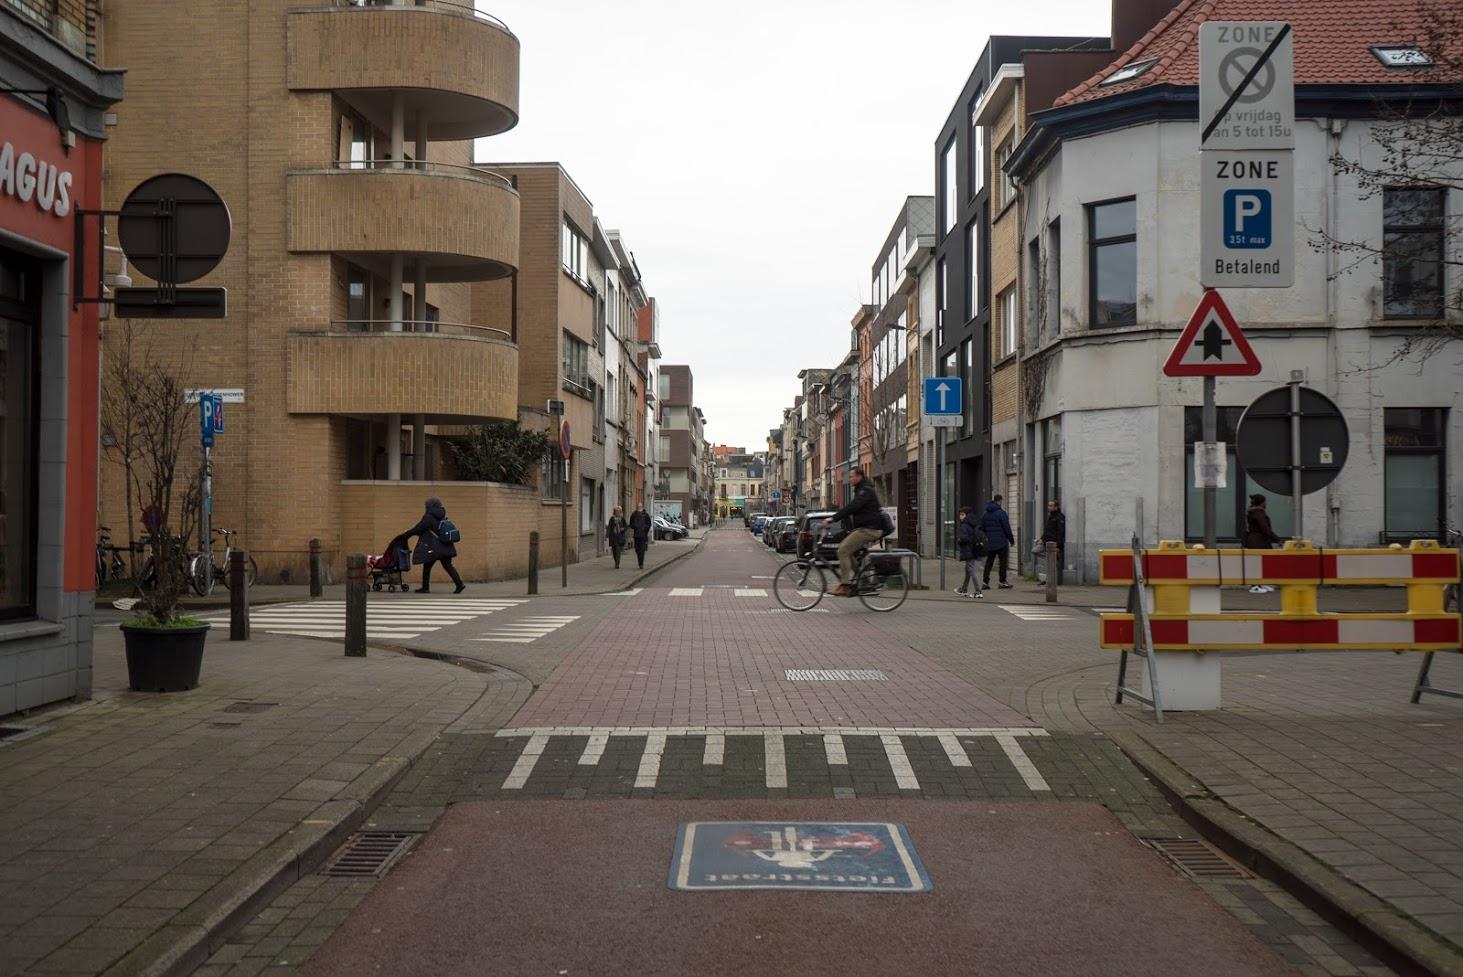 Fotoreport Belgicko - prvky upokojovania dopravy